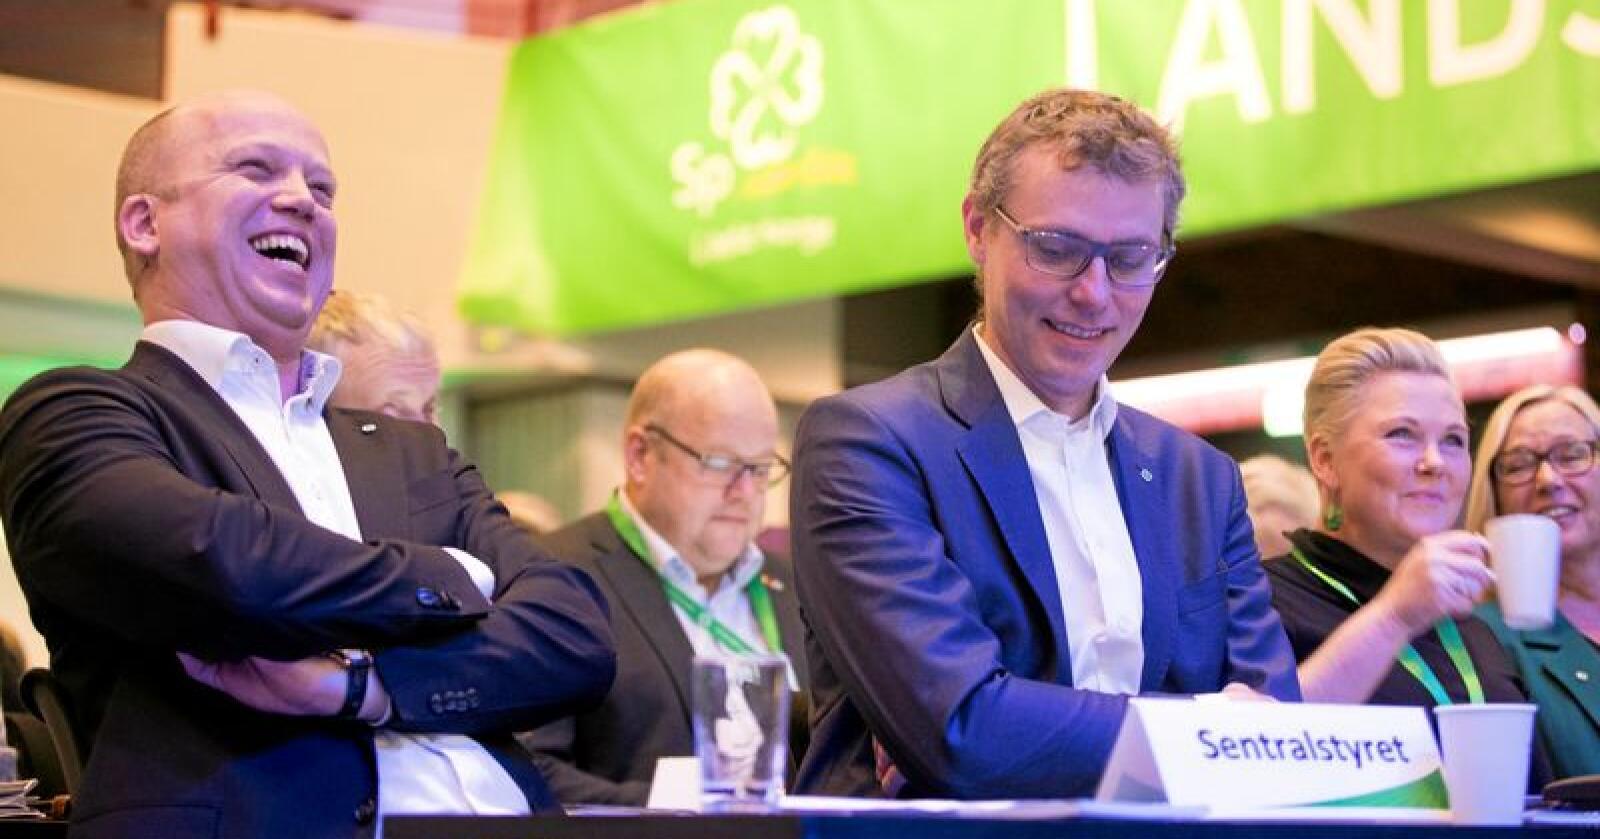 God stemning: Trygve Slagsvold Vedum og resten av Sp-ledelsen har mye å smile over for tida. Foto: Terje Pedersen / NTB Scanpix